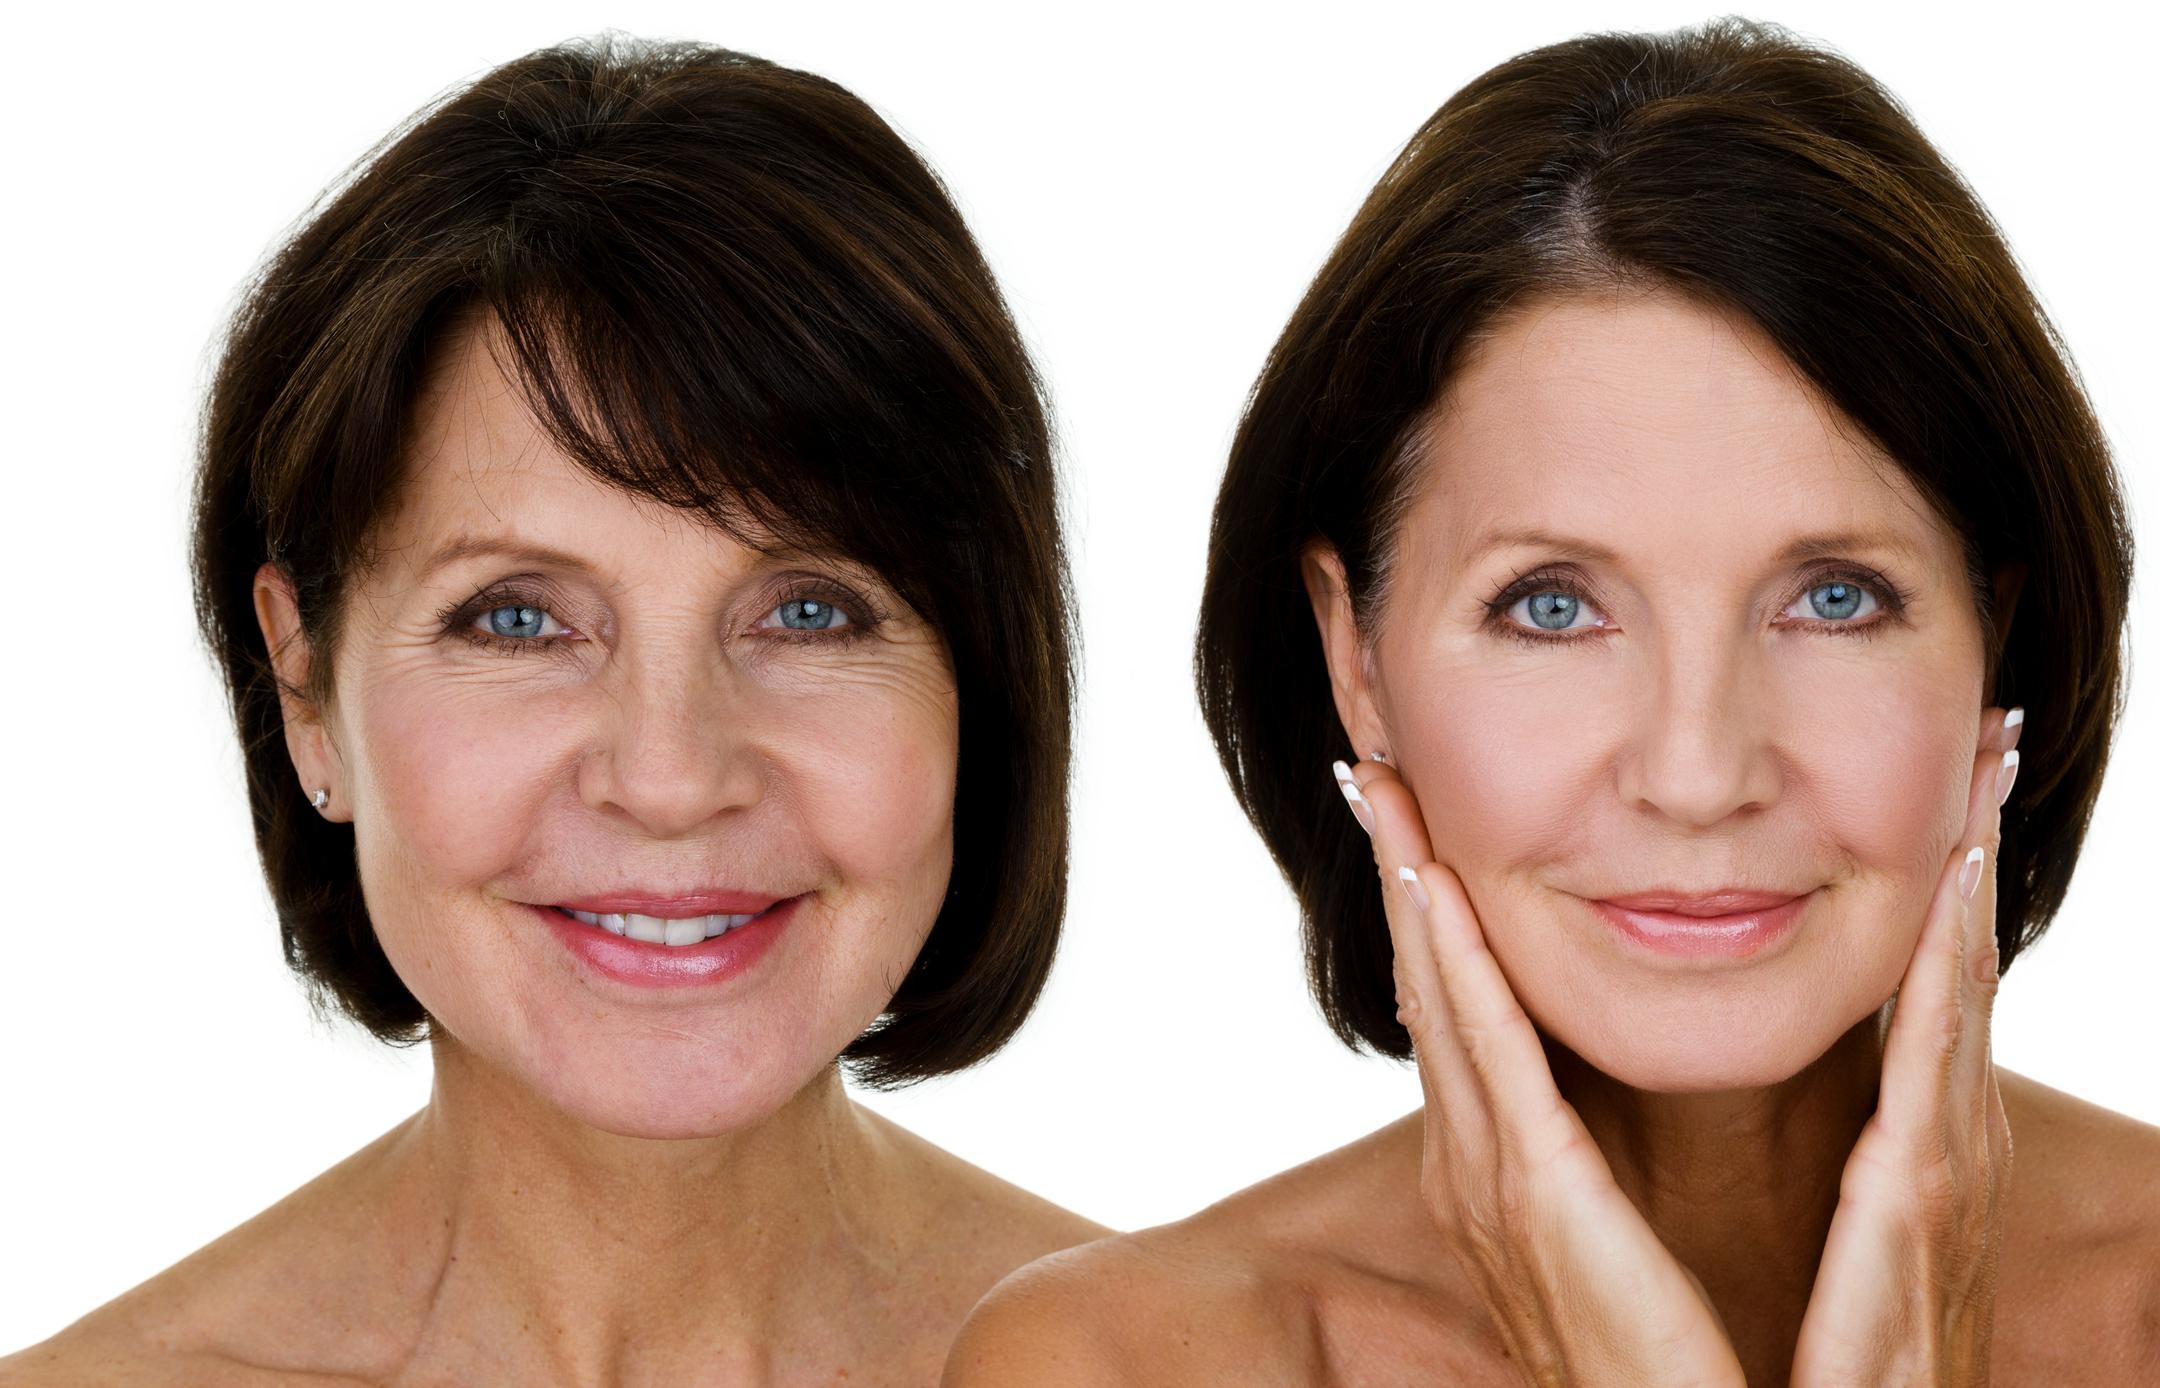 Cuidados com cirurgia plástica garantem bem-estar e satisfação